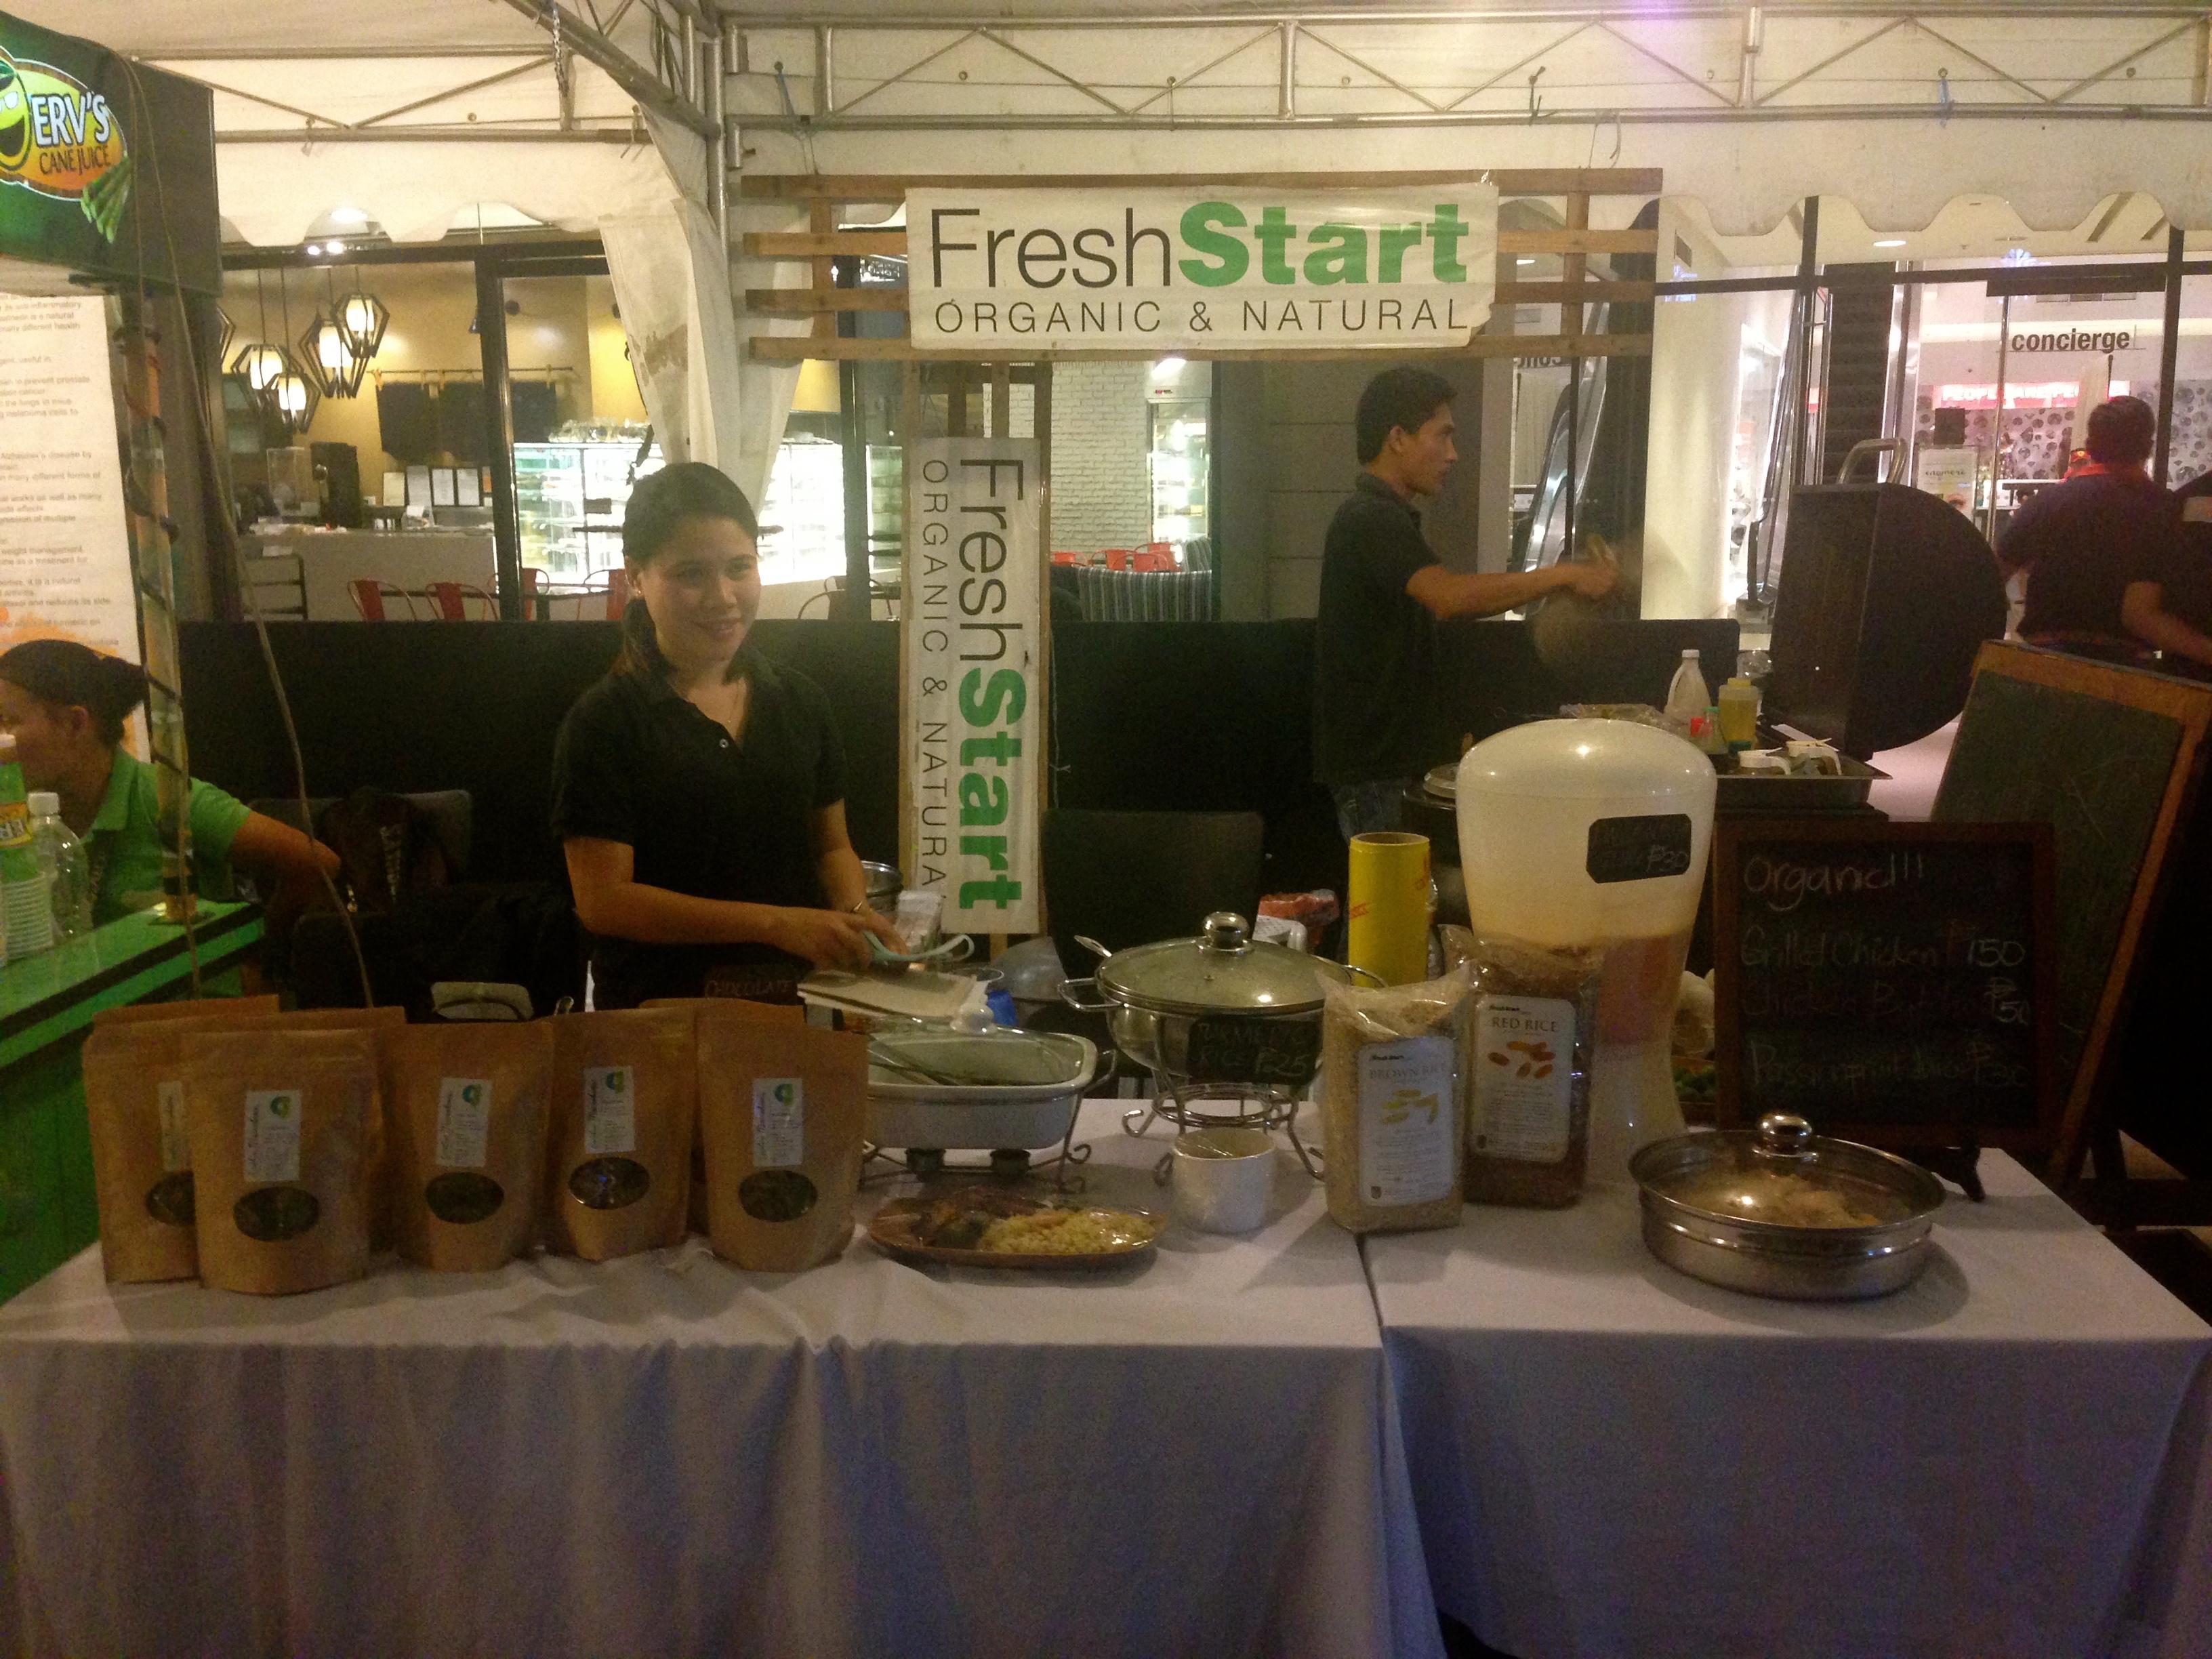 Fresh start organic in the Ayala weekend Market